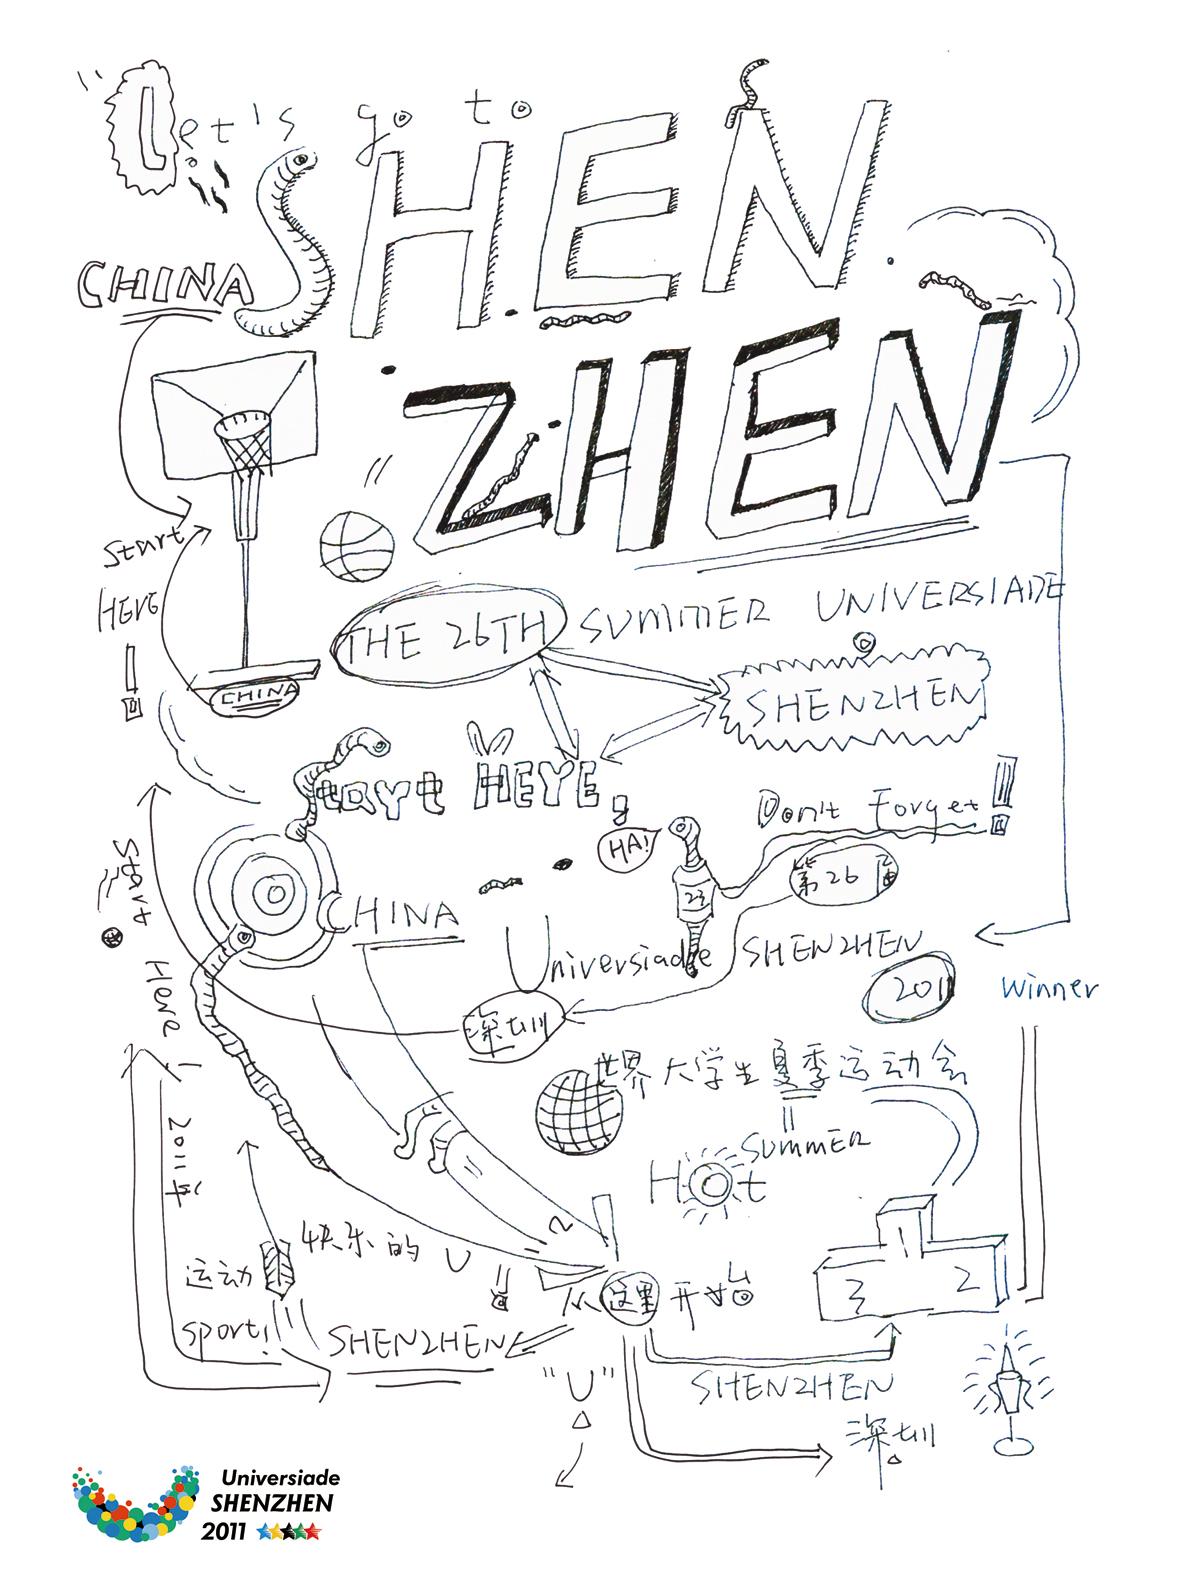 深圳第26届世界大学生运动会海报设计银奖-从这里开始